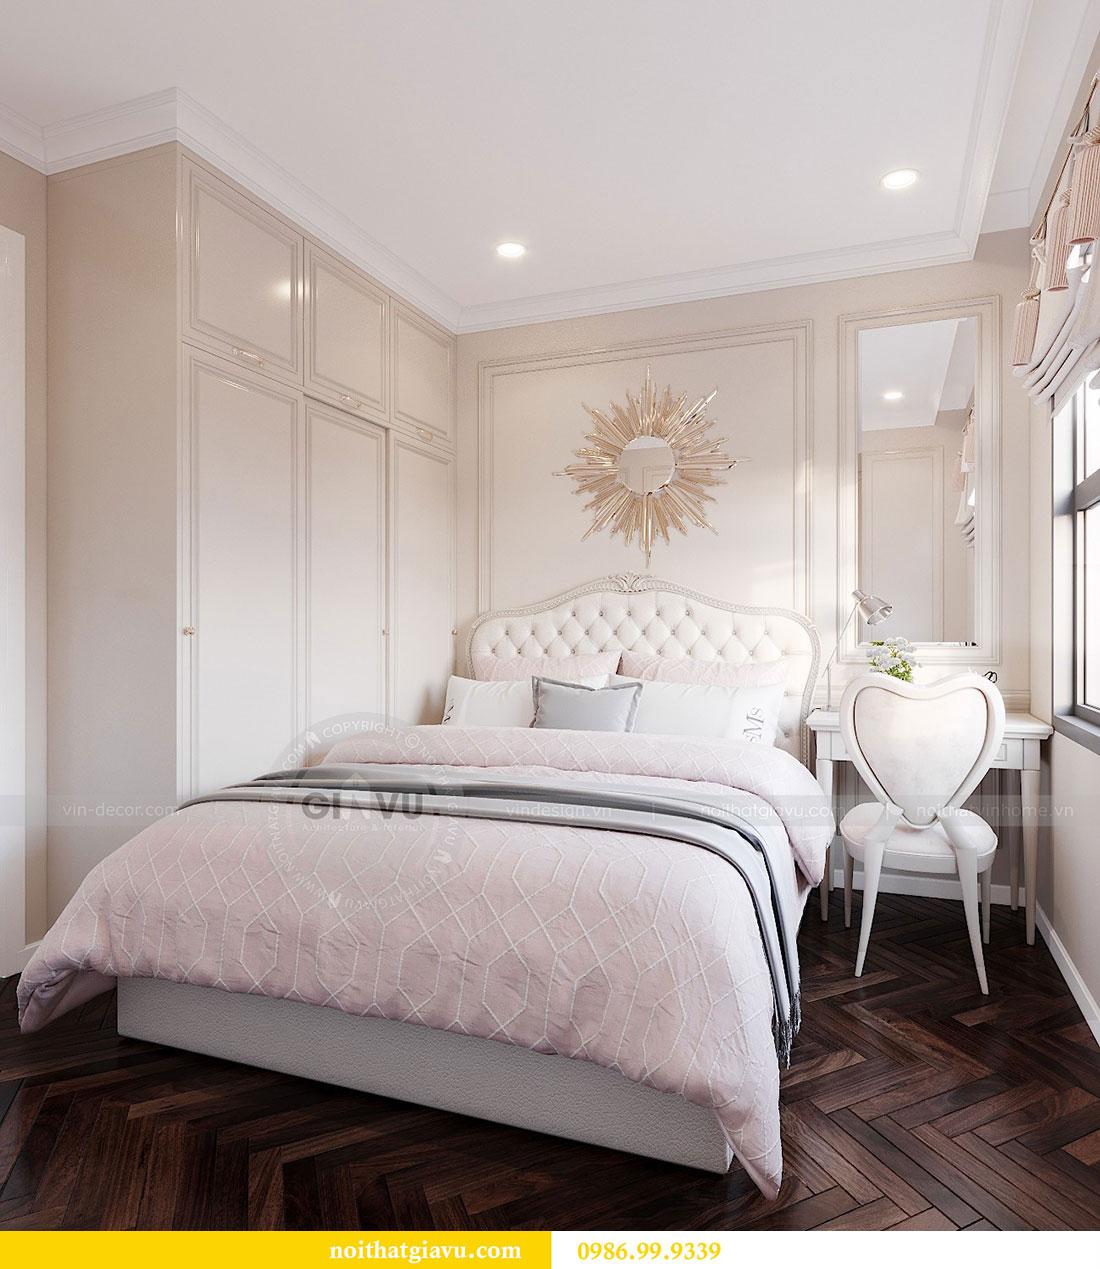 Tham khảo mẫu thiết kế nội thất chung cư Dcapitale căn 3 ngủ - chị Hằng 9